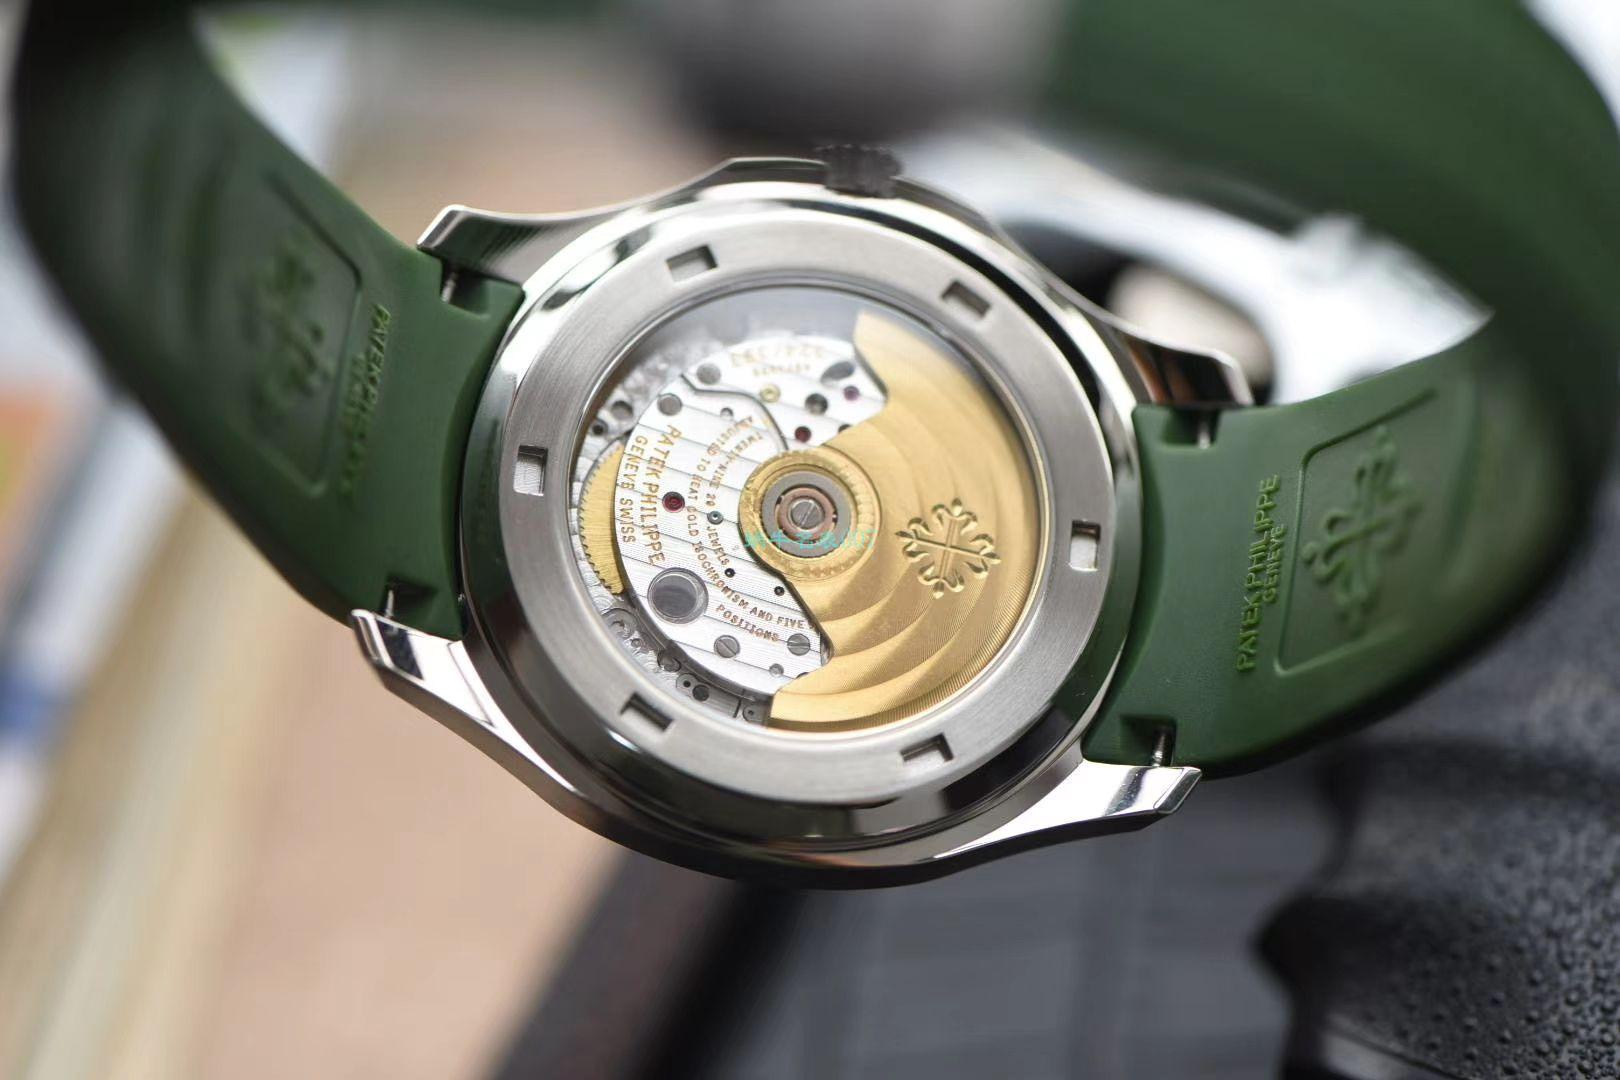 视频评测台湾厂超A高仿百达翡丽AQUANAUT绿色手雷5168G-010腕表 / BD239LV